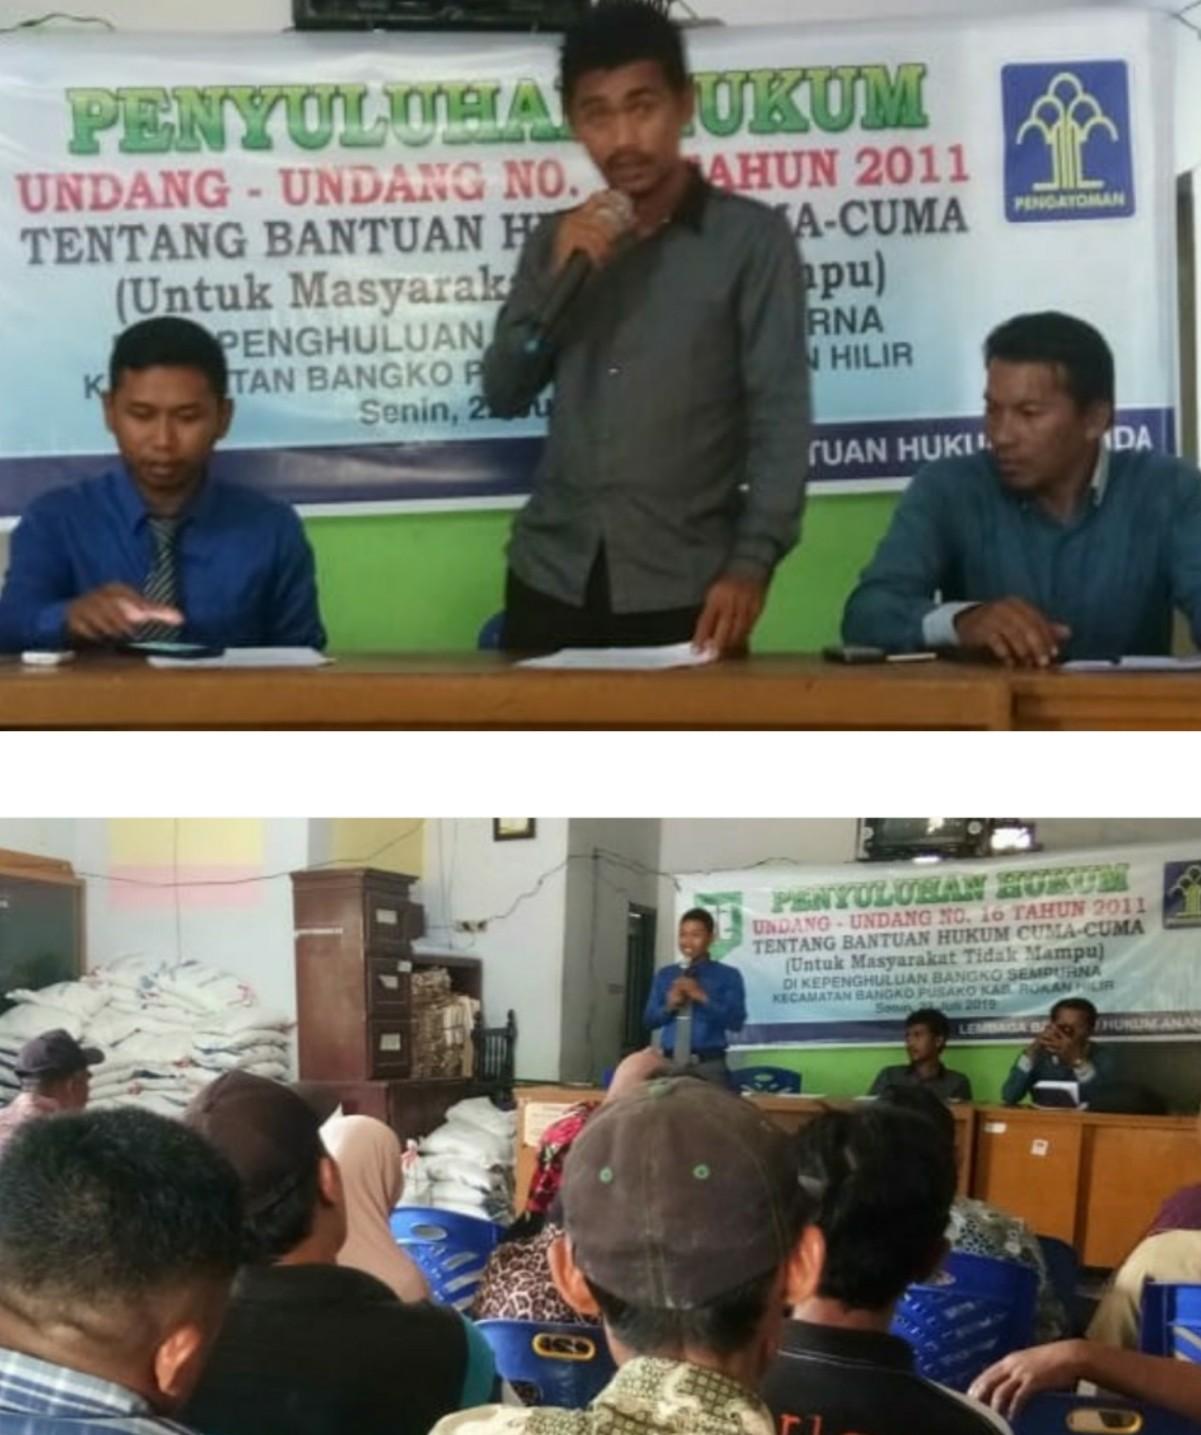 LBH Ananda Berikan Penyuluhan Tentang Bantuan Hukum Gratis Pada Warga Miskin Di Bangko Sempurna